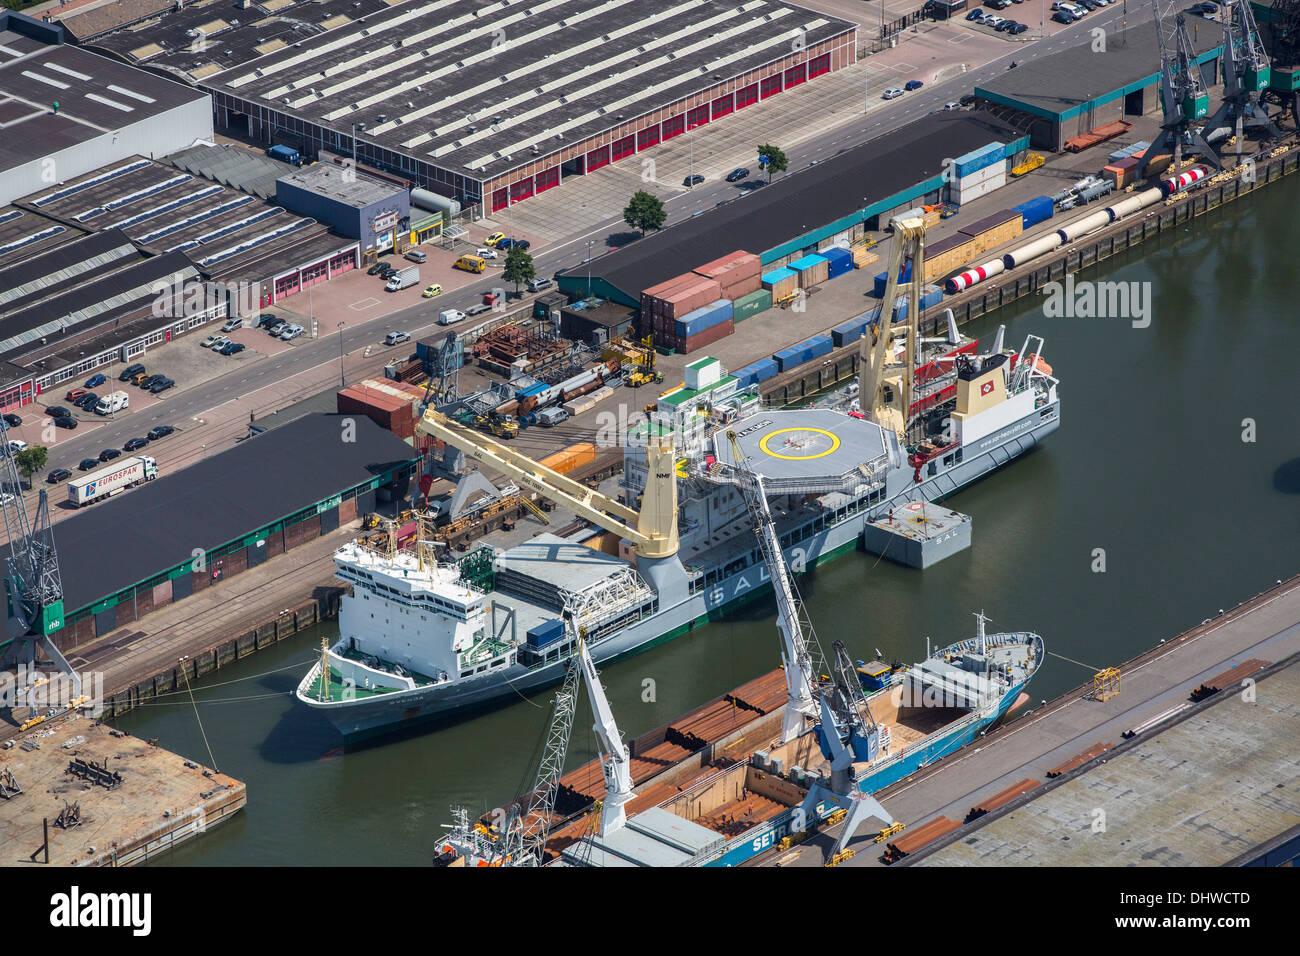 Países Bajos, Rotterdam, el puerto de Rotterdam. Buque de apoyo. Antena Imagen De Stock